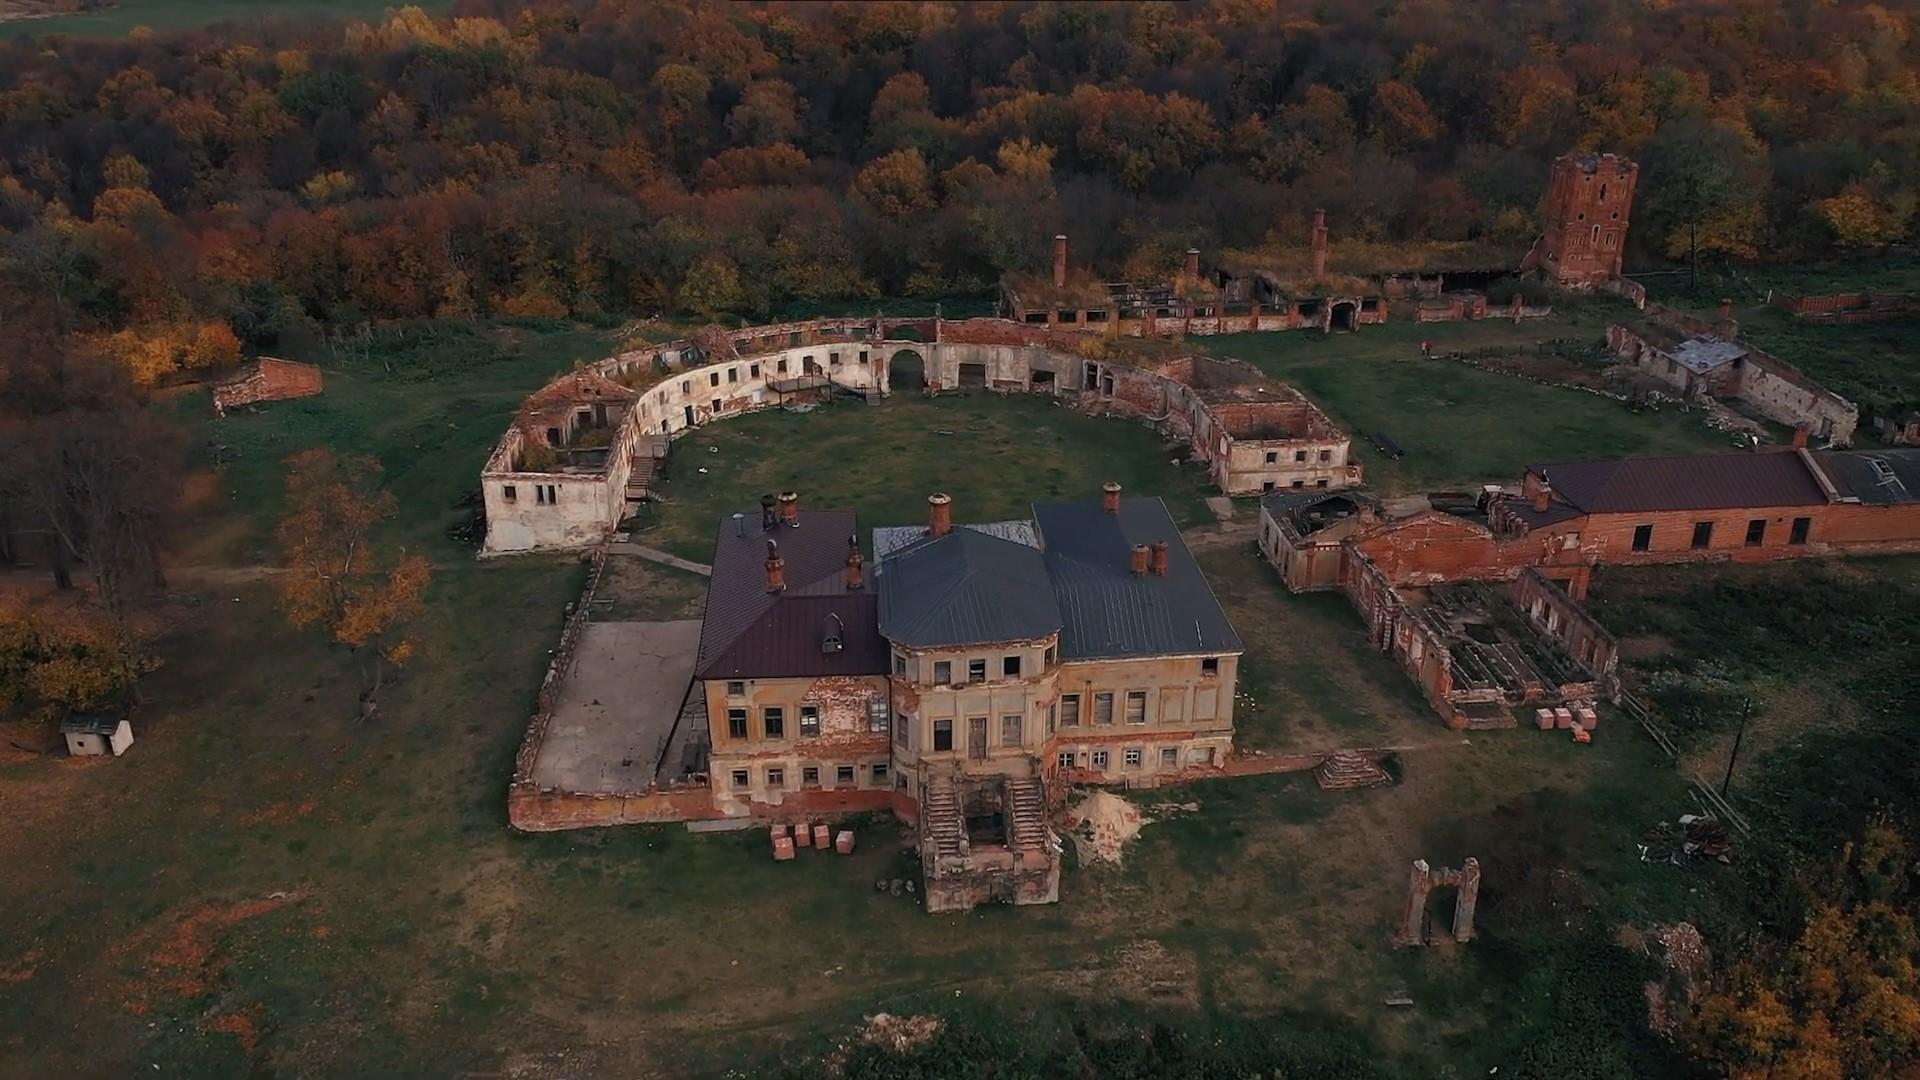 Посетить усадьбу Приклонских-Рукавишниковых в селе Подвязье Нижегородской области теперь можно онлайн